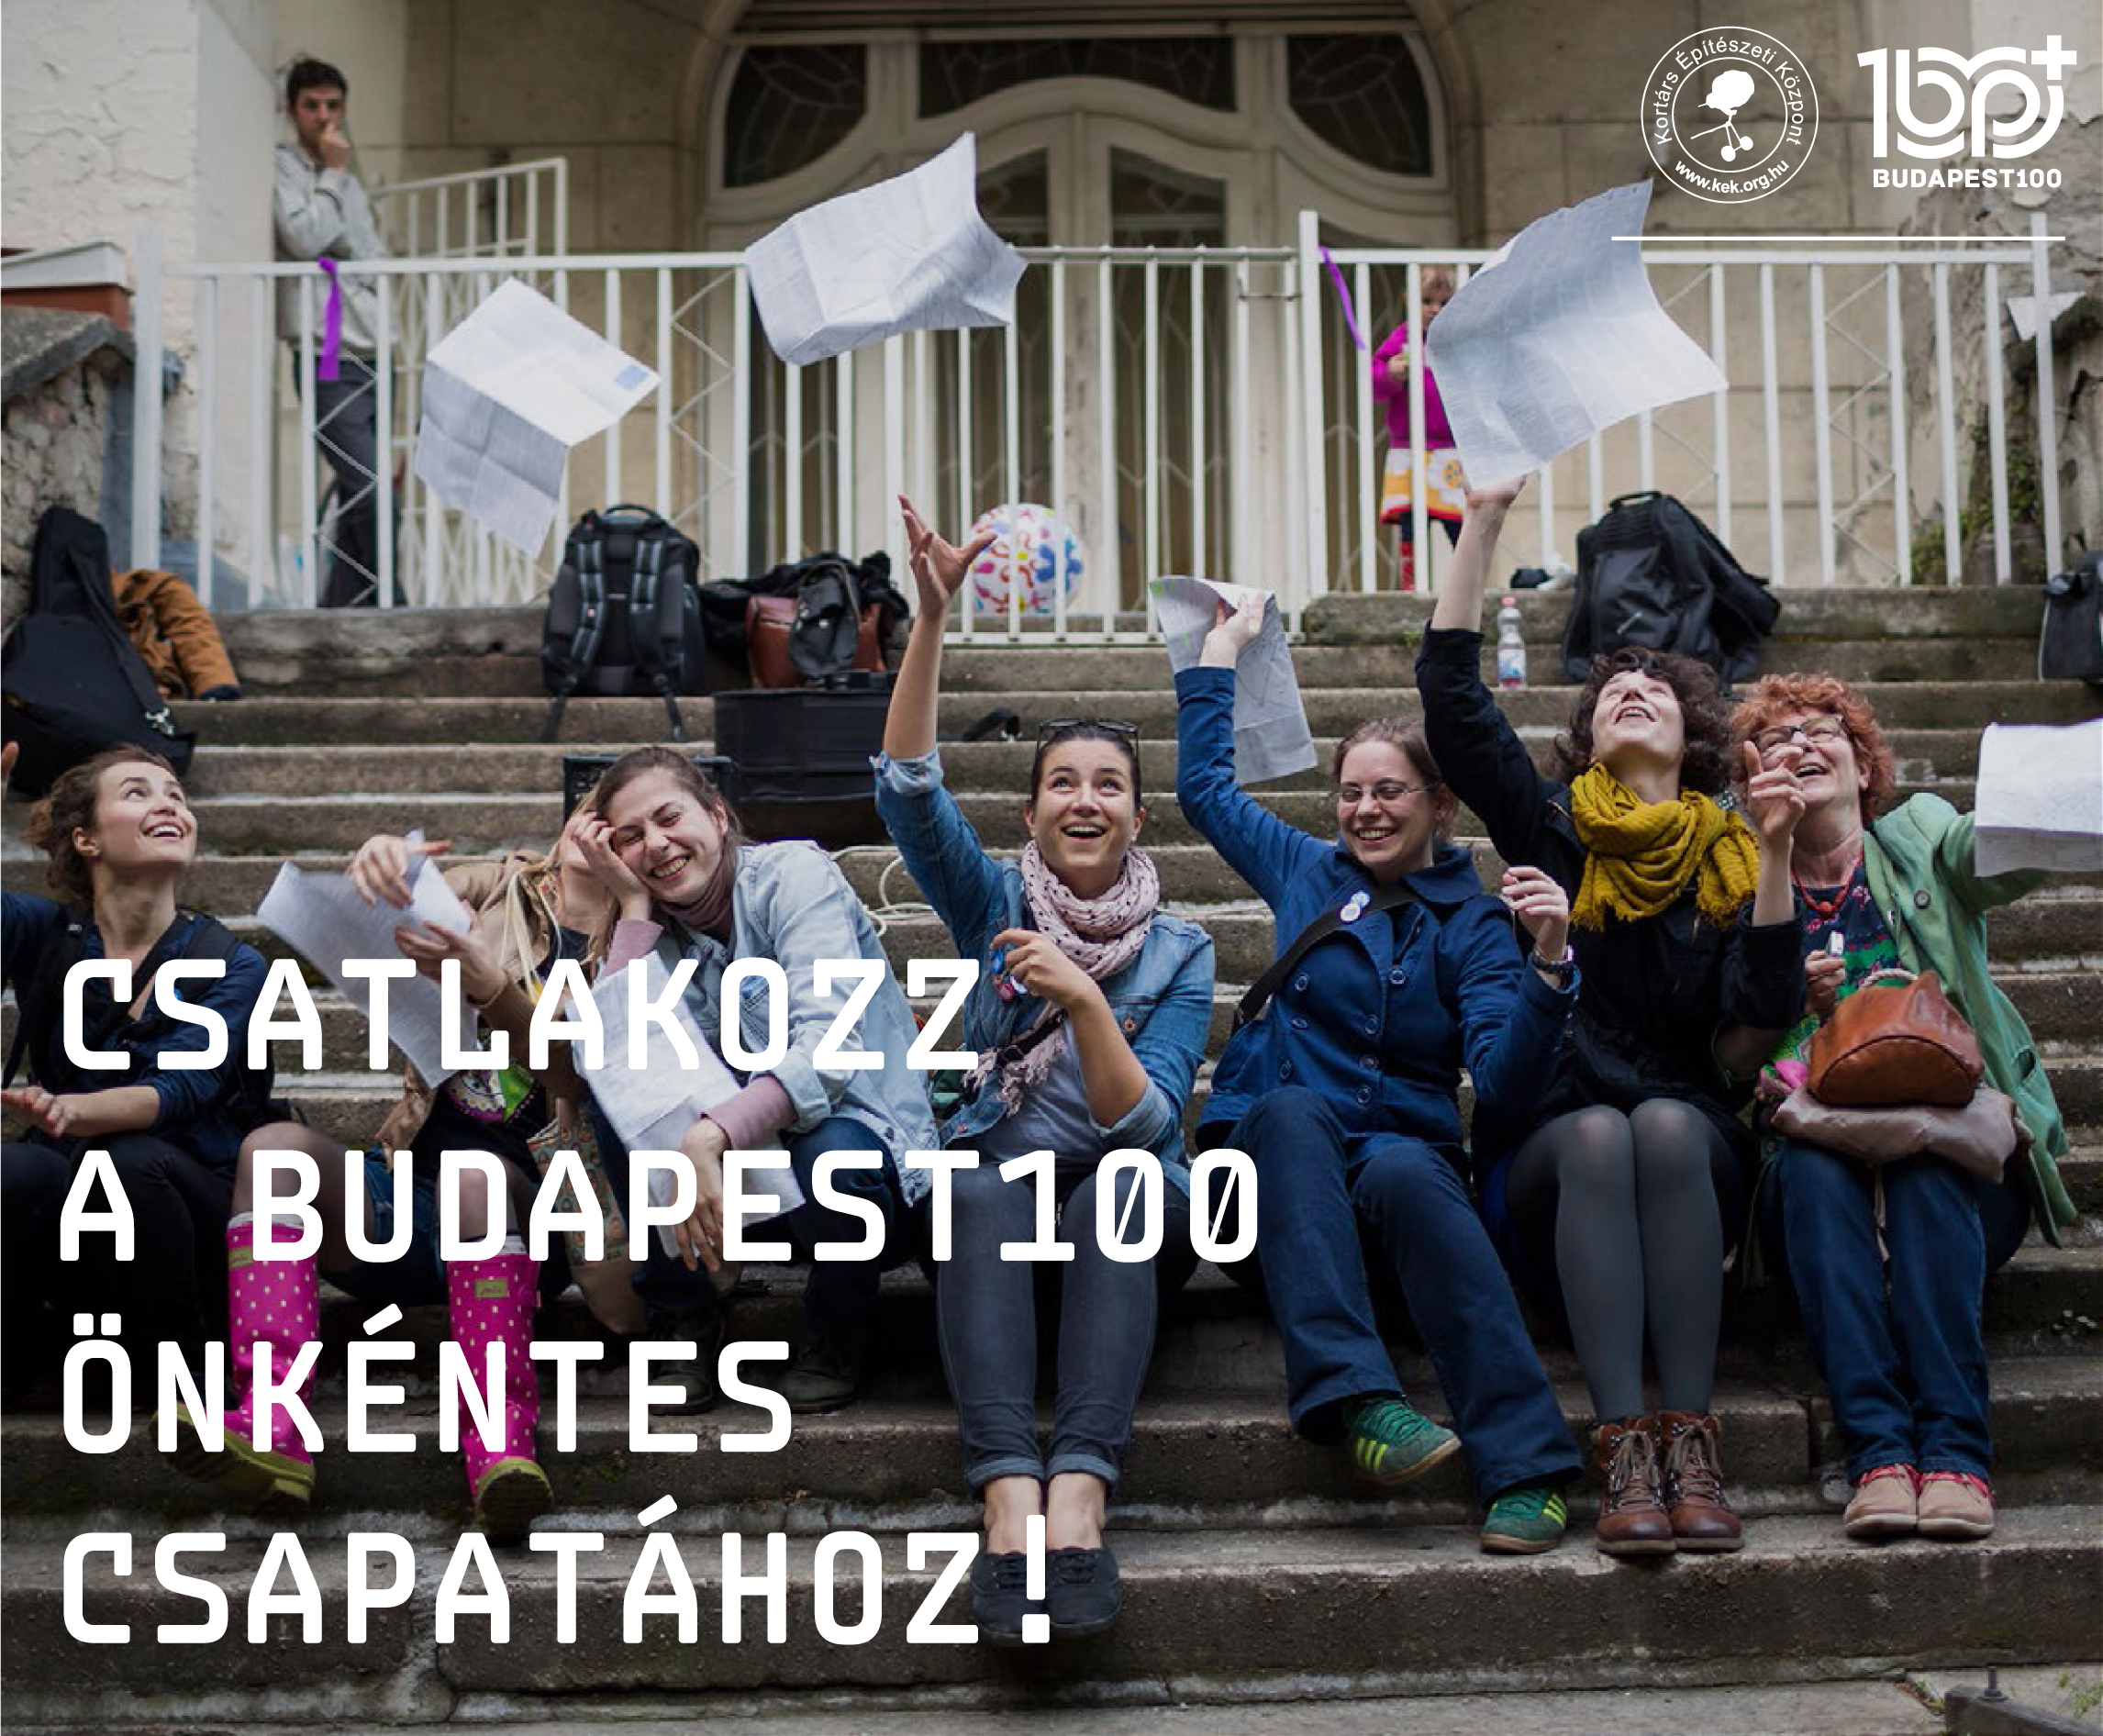 Csatlakozz a Budapest100 önkéntes csapatához!